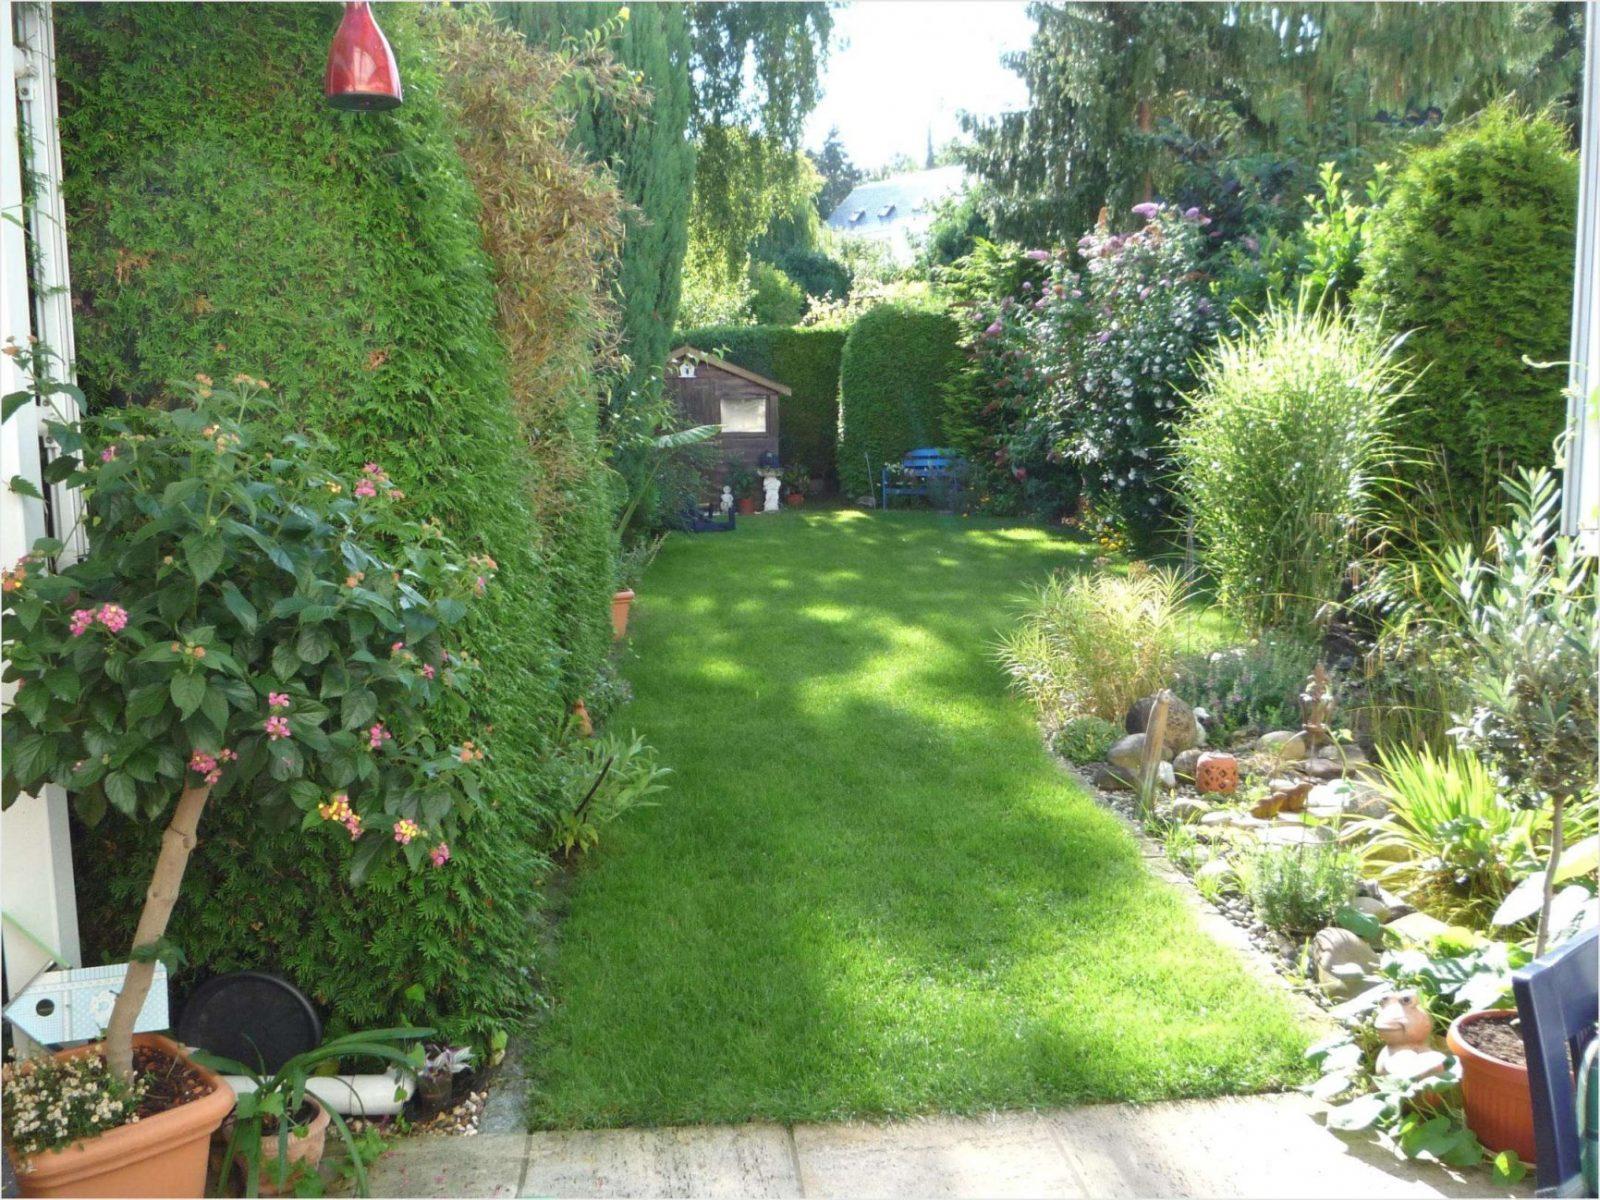 34 Schön Garten Ohne Rasen Beispiele von Kleine Gärten Gestalten Ohne Rasen Bild